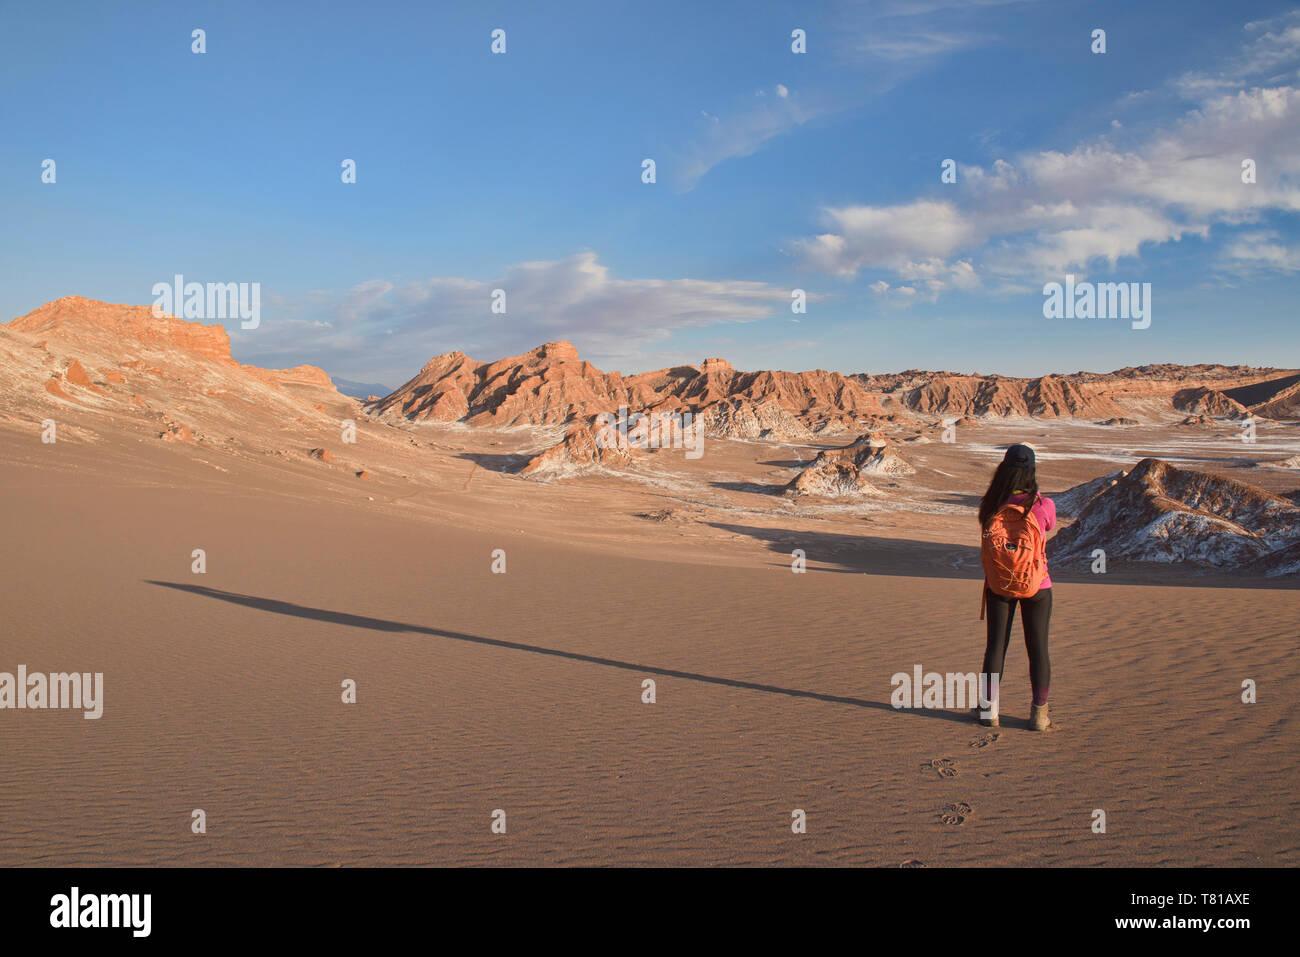 Le sel, le sable, et desertscape dans la vallée de la Lune, San Pedro de Atacama, Chili Banque D'Images